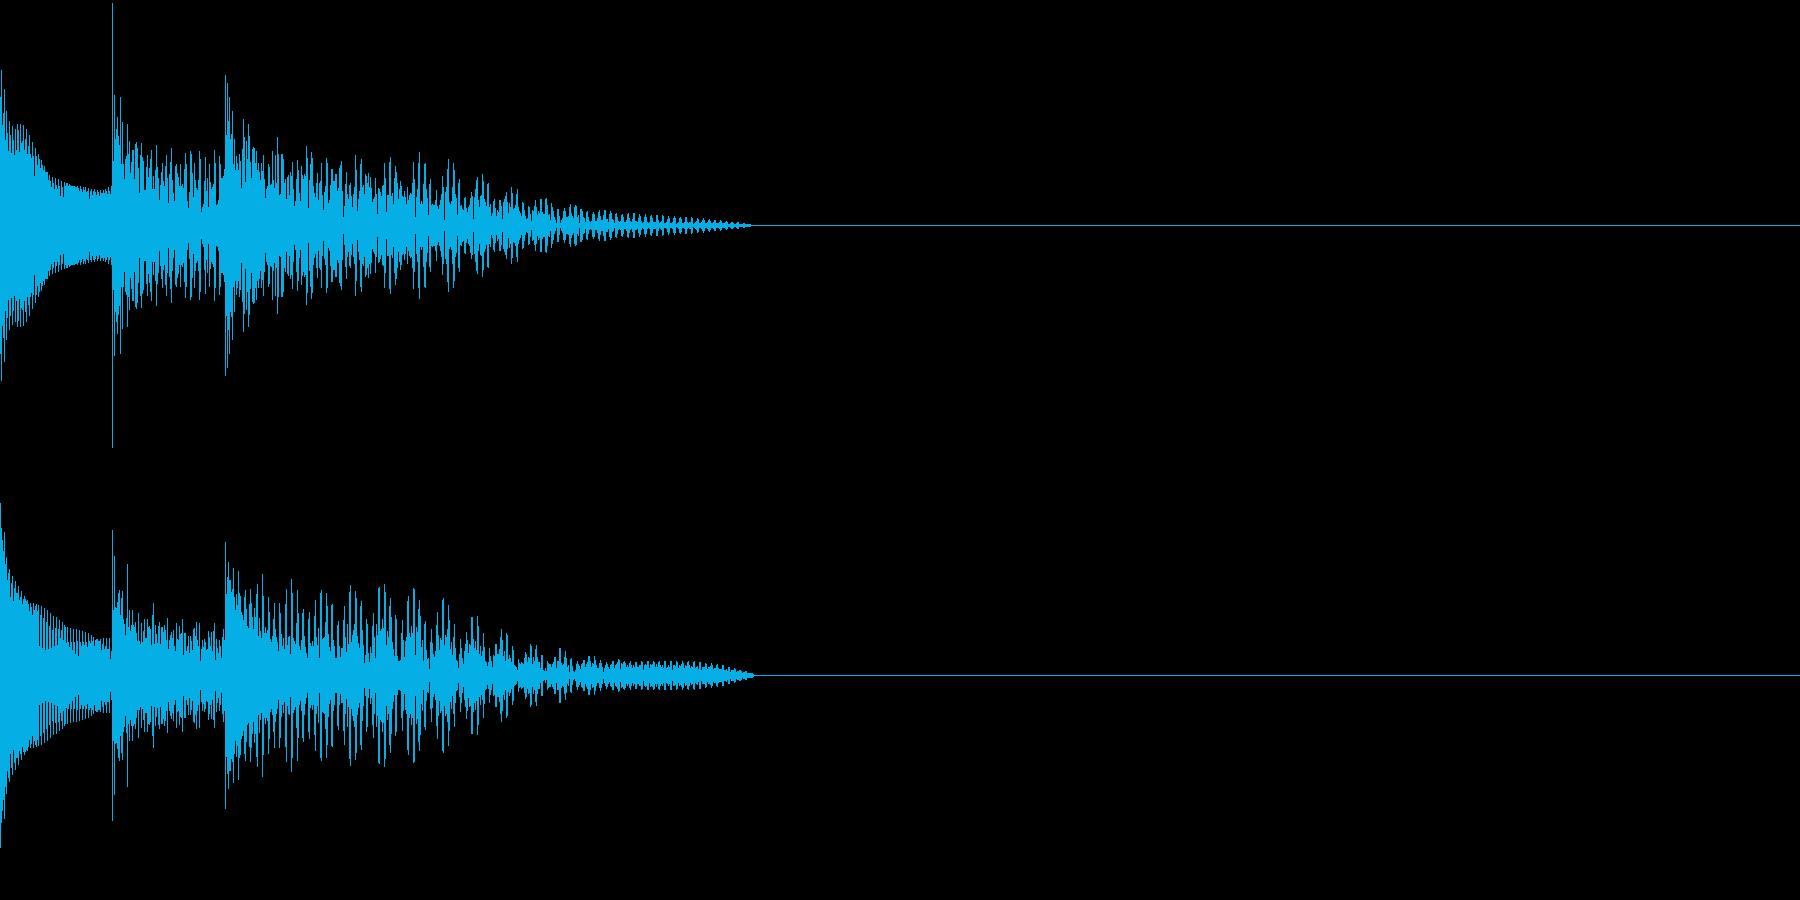 Cursor セレクト・カーソルの音15の再生済みの波形